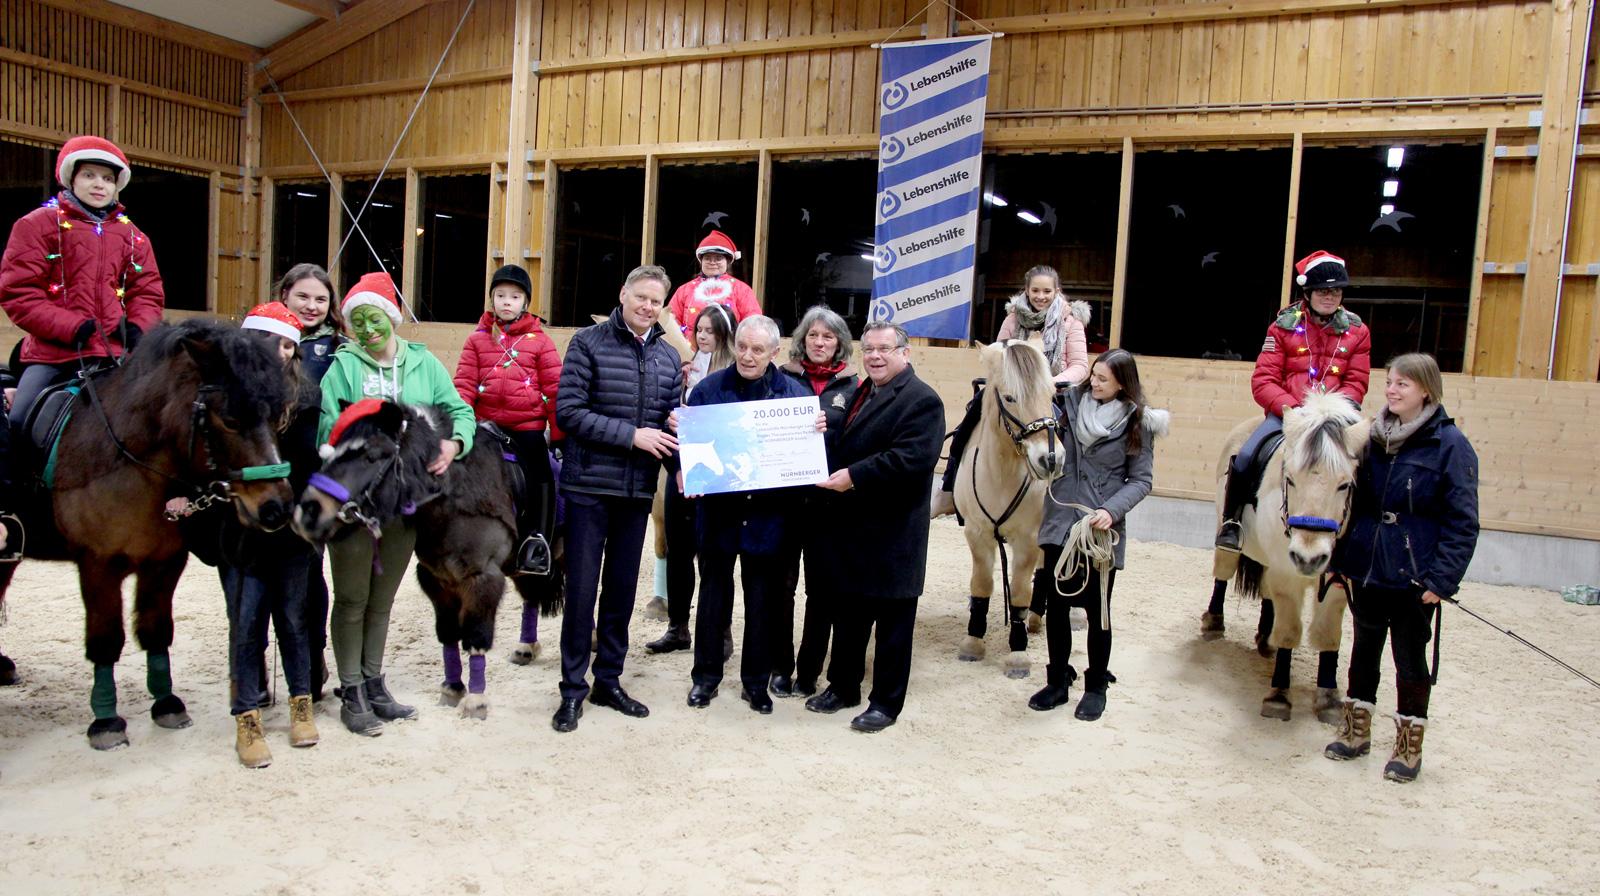 """NÜRNBERGER spendet 20.000 Euro für Reittherapie – großartiges Azubi-Engagement für Lebenshilfe. Zauberhaft: Inklusive Voltigiervorführung """"Der Weihnachtsmuffel"""" mit Pferden."""